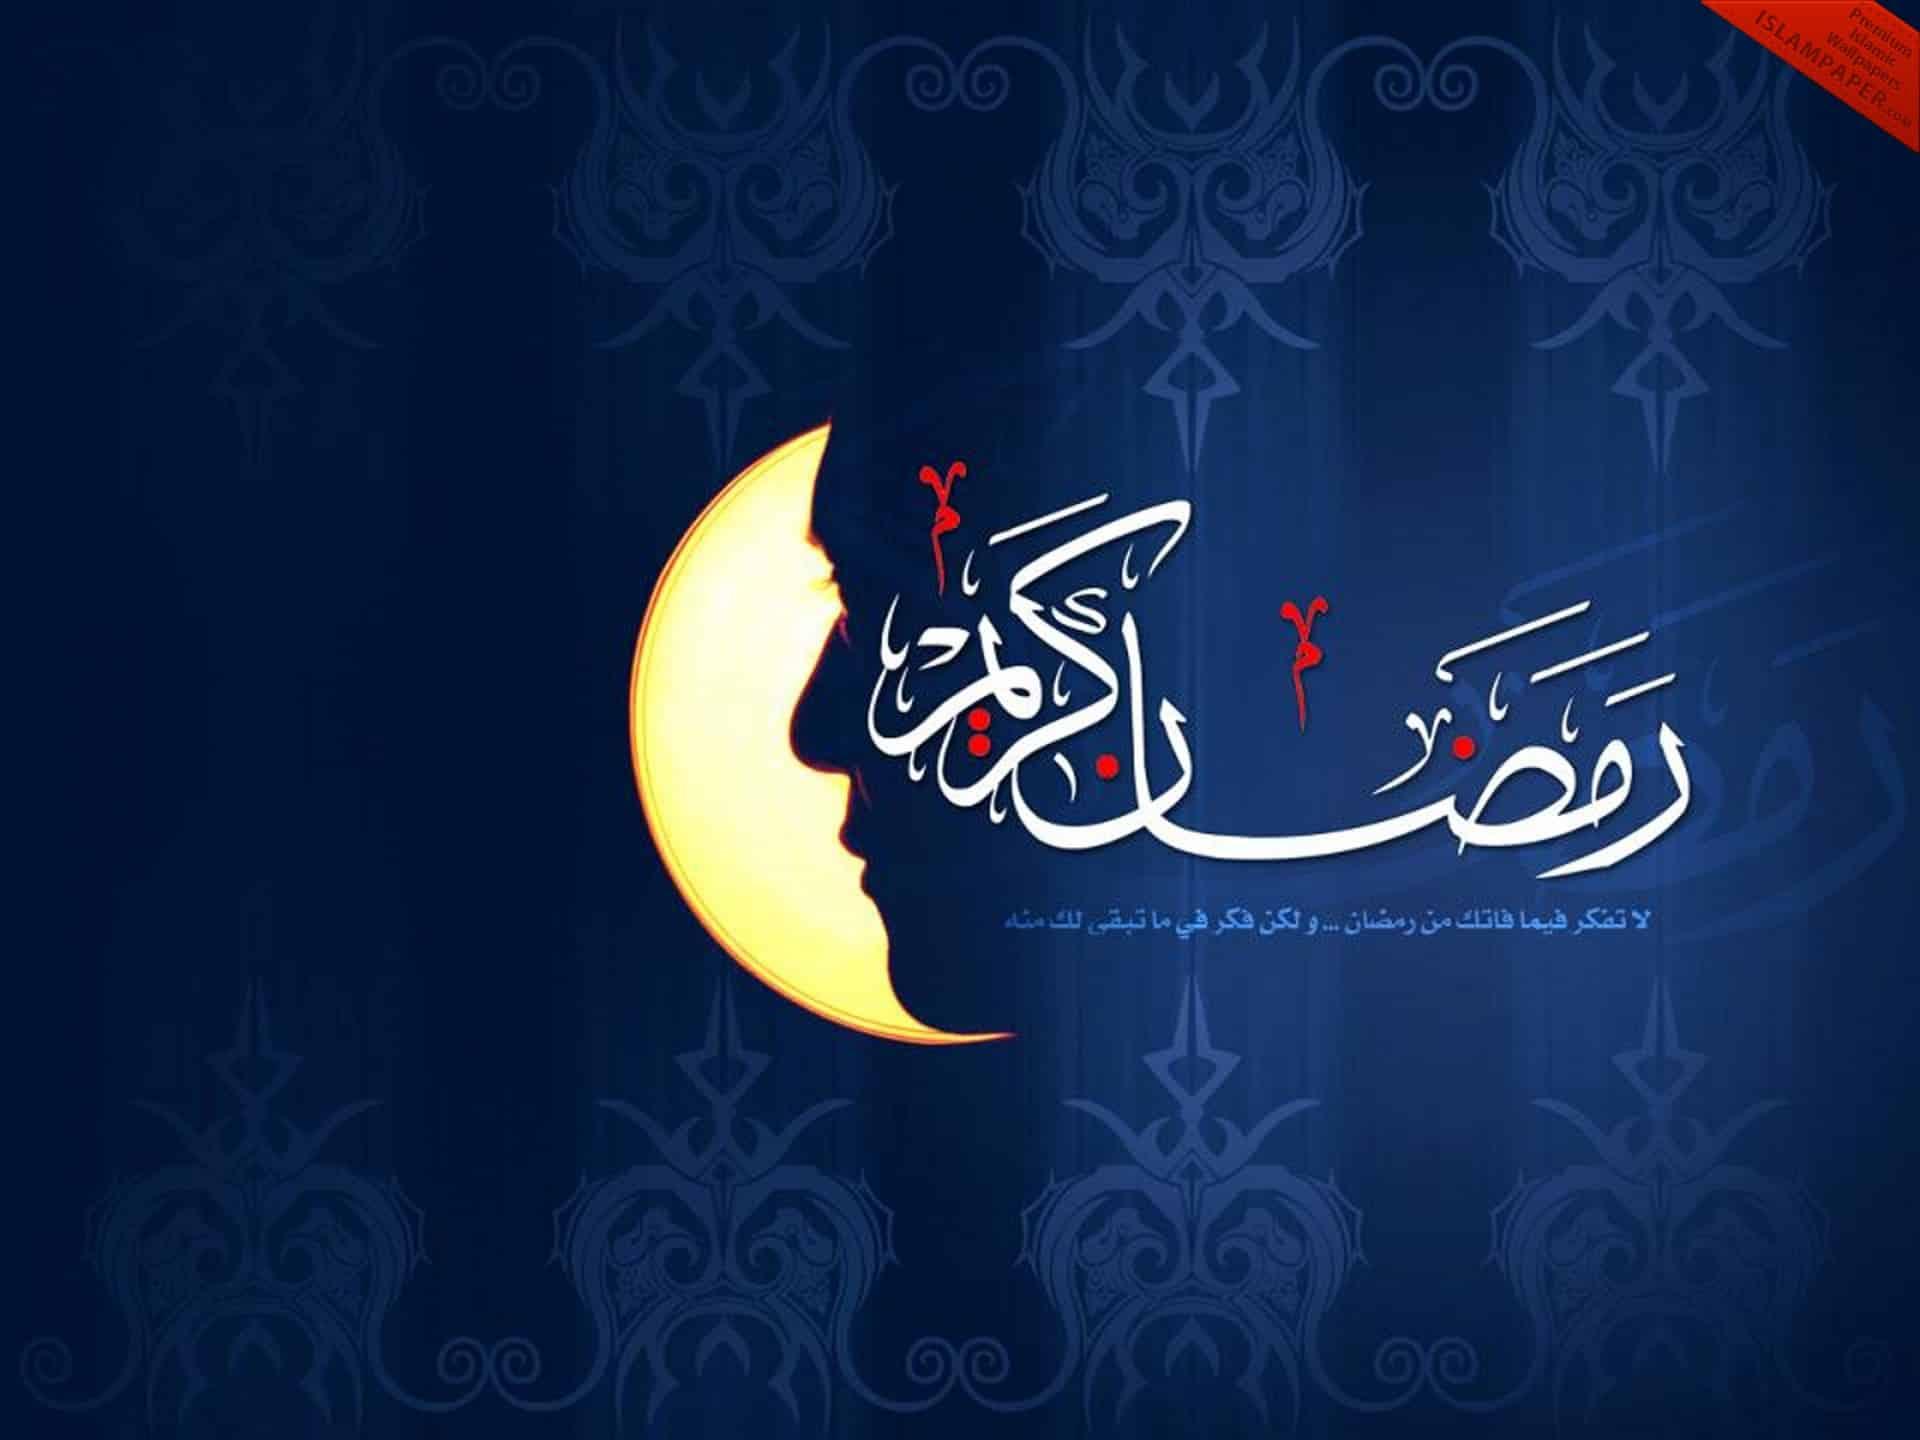 83432727149820299757 - رحمت در ماه رمضان برای همه